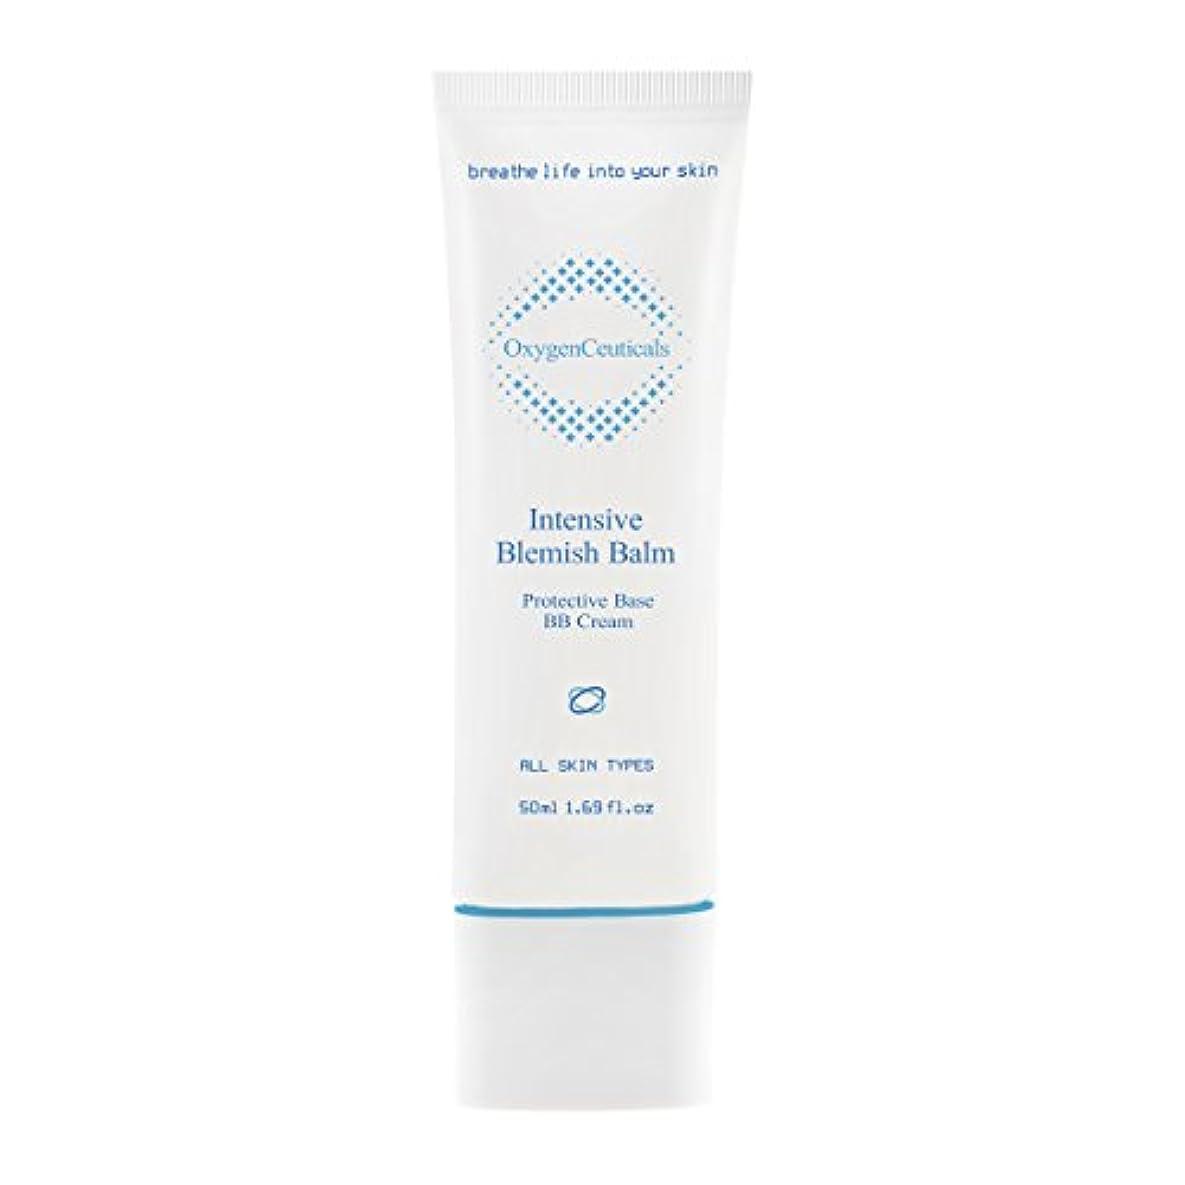 チーフスリラー枝[ Oxygen Ceuticals ] オキシジェンシューティカルズ 酸素BBクリーム[再.生BB] 50ml. Intensive Blemish Balm(BB Cream) 50ml. X Mask Pack 1p.